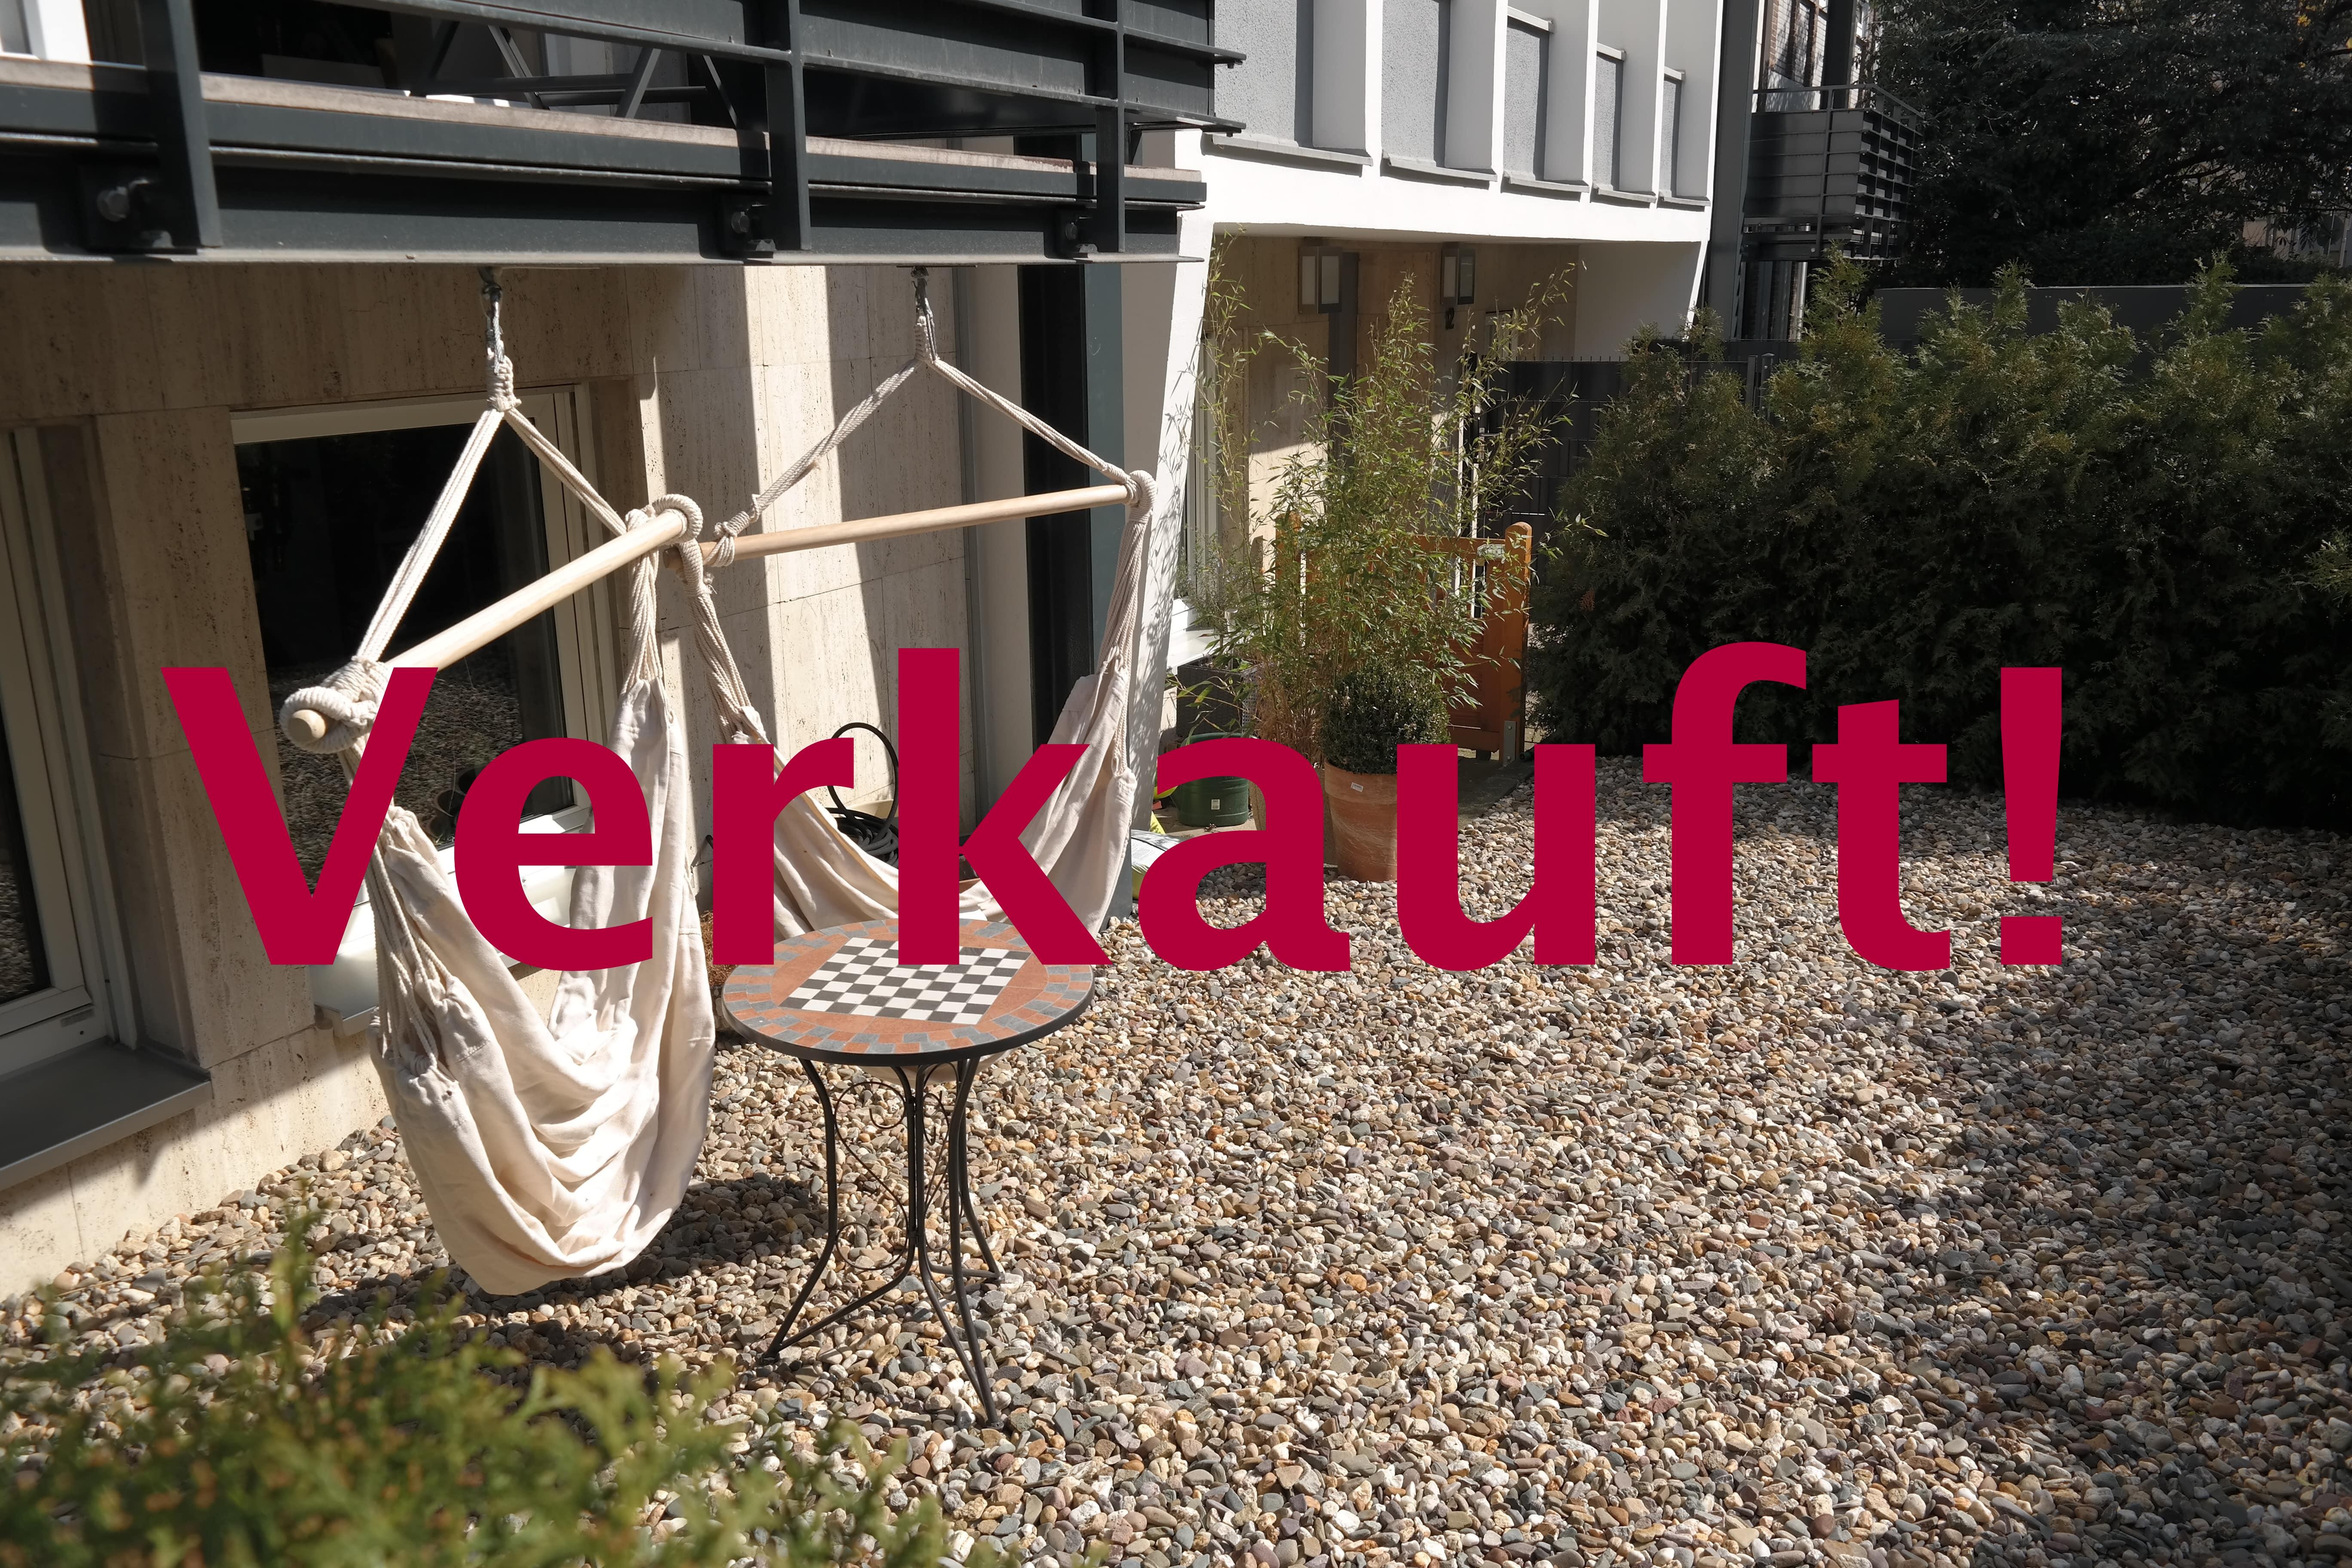 VERKAUFT! Schöne Eigentumswohnung mit Terrasse und Tiefgaragenstellplatz im begehrten Zooviertel